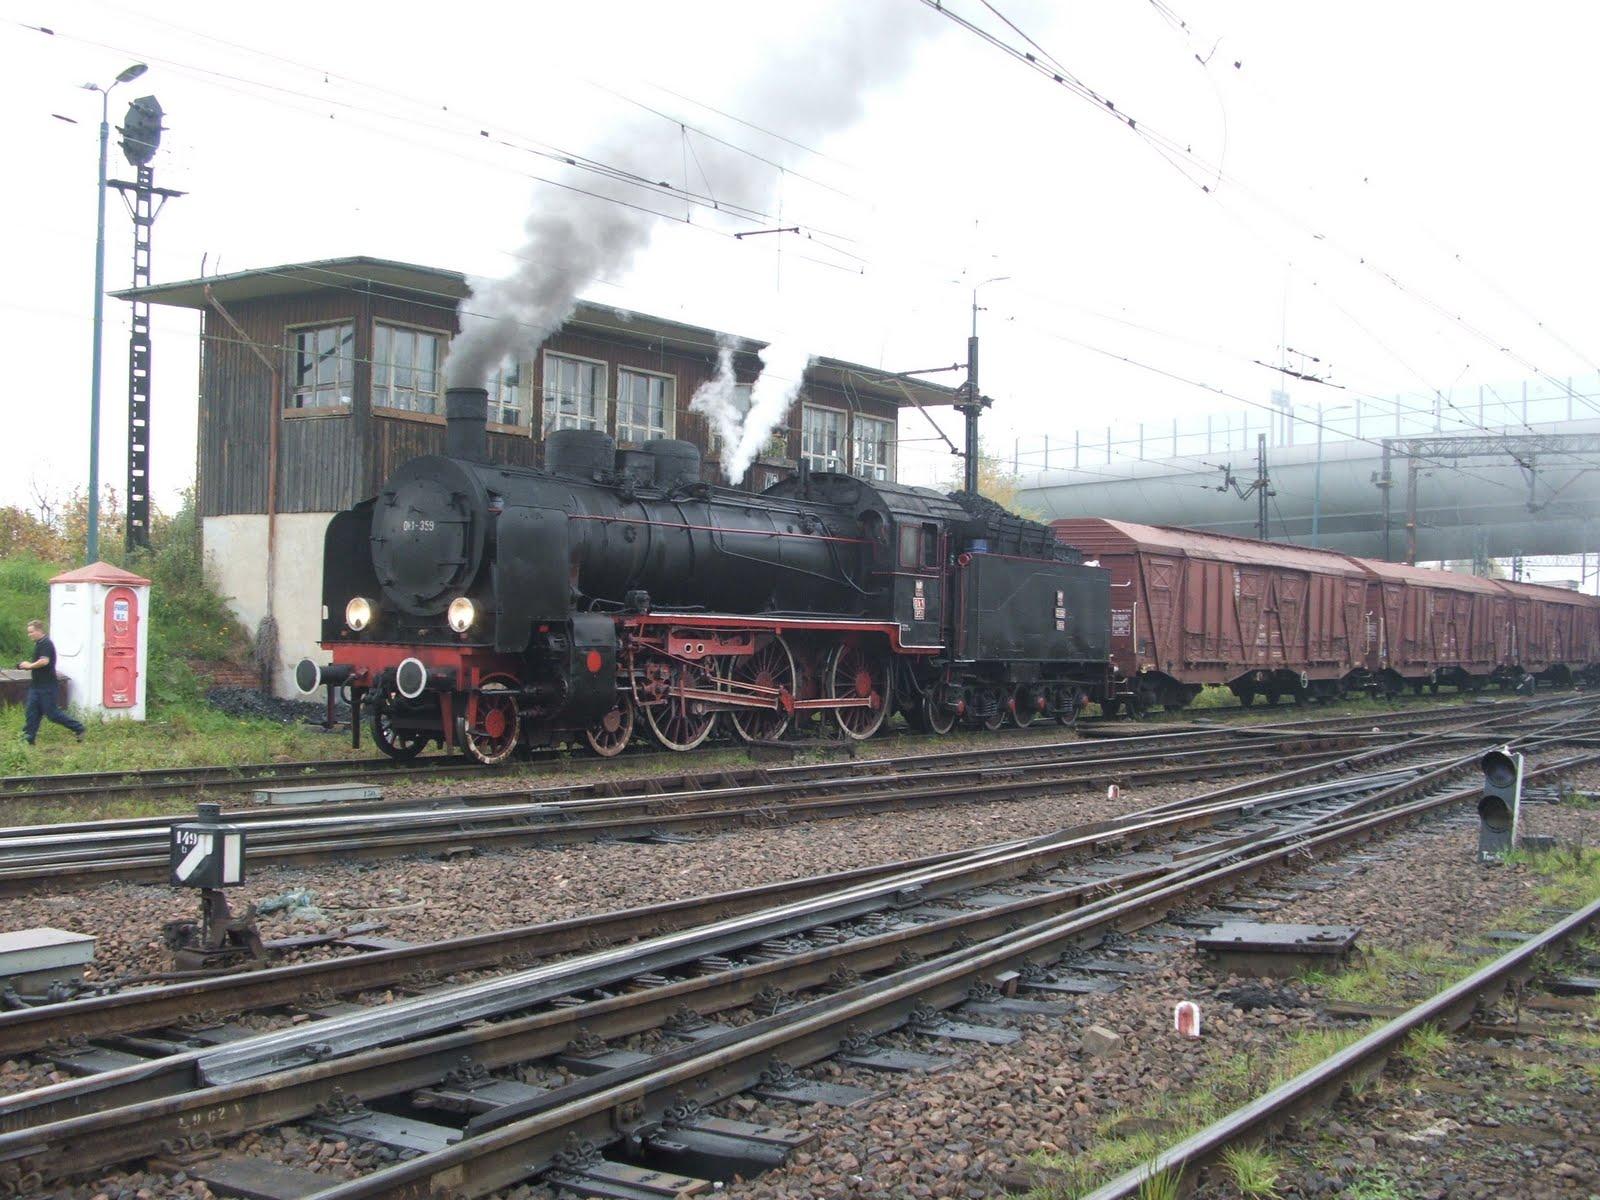 http://2.bp.blogspot.com/-k6WpWIe1qD4/Tb2B4Pma8fI/AAAAAAAACJ0/mZ3ooLNeJE4/s1600/black-cargo-train.jpg